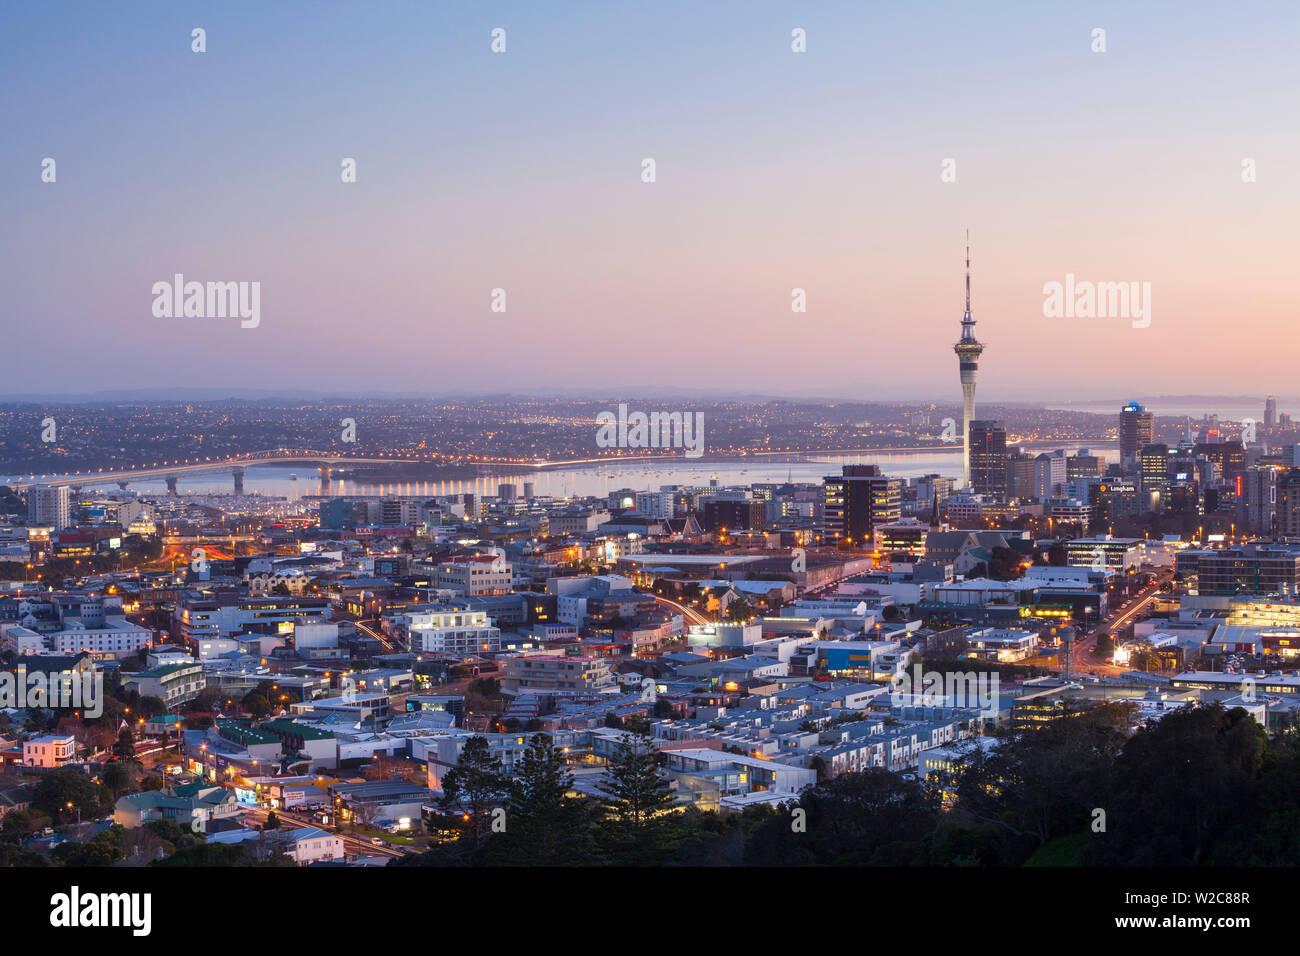 Sur les toits de la ville illuminée à l'aube, Auckland, île du Nord, Nouvelle-Zélande, Australie Photo Stock